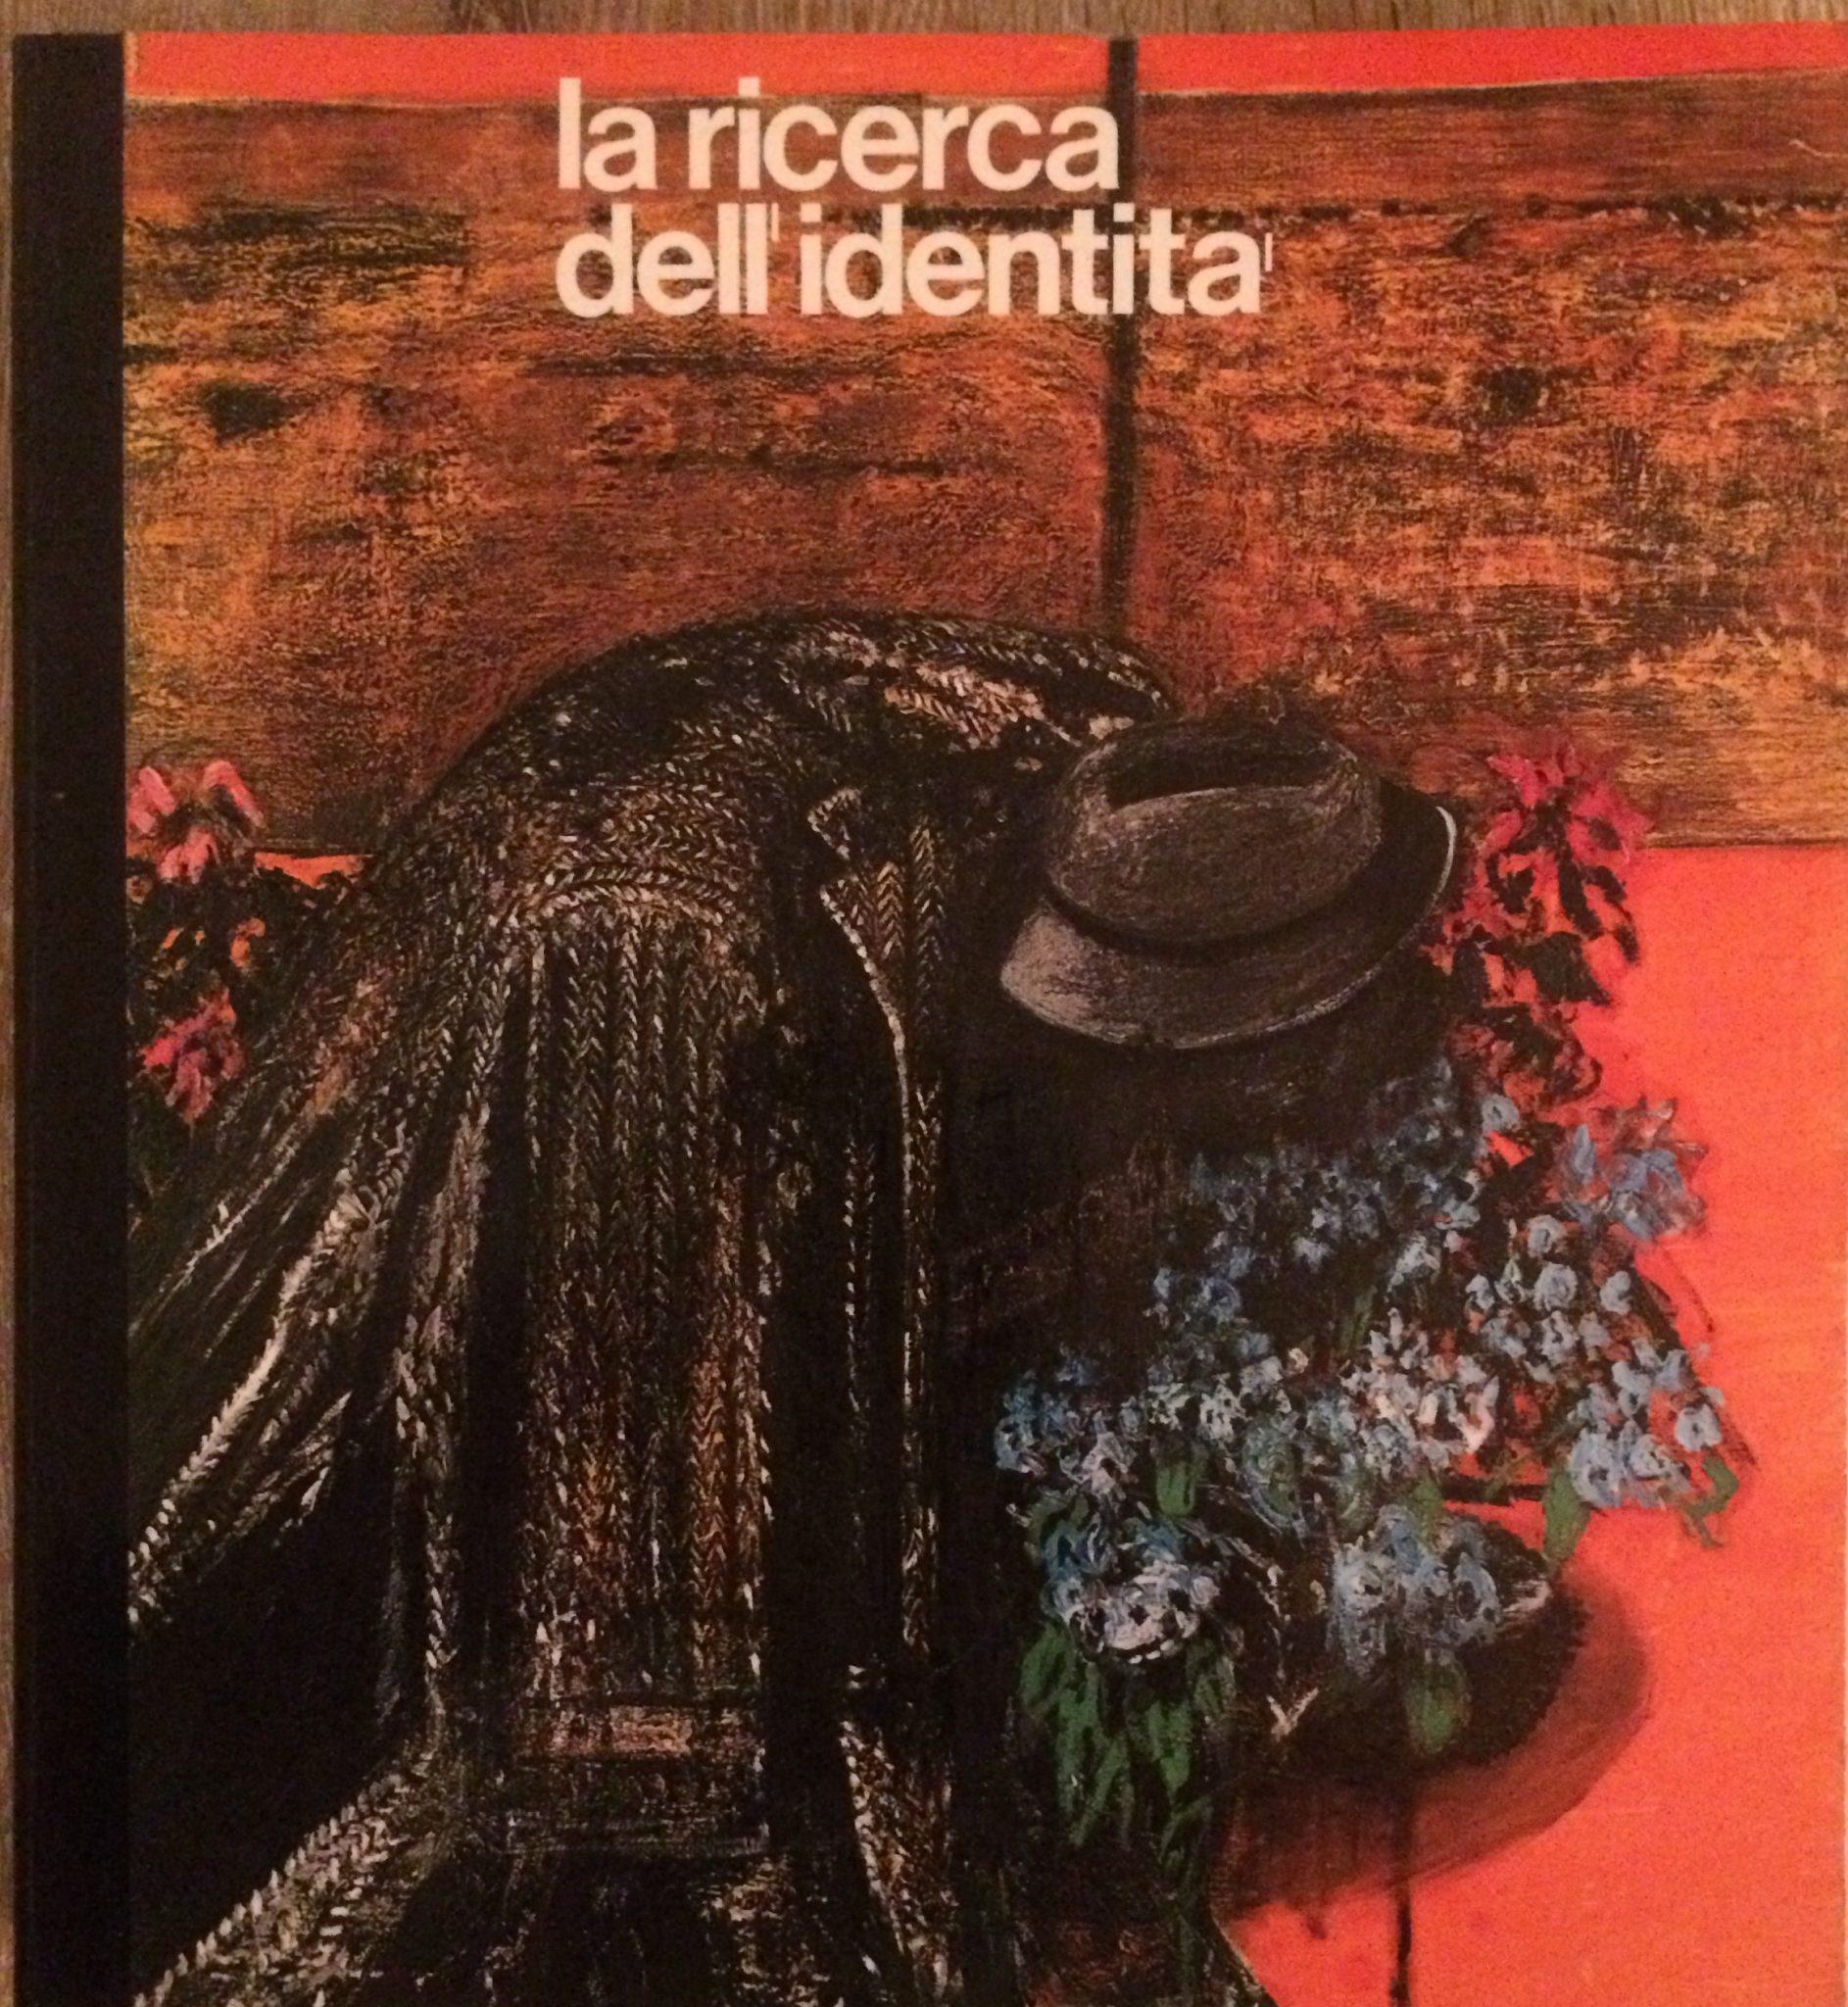 La lezione di Gianfranco Bruno: il passato rimane sempre una porta aperta per capire il presente